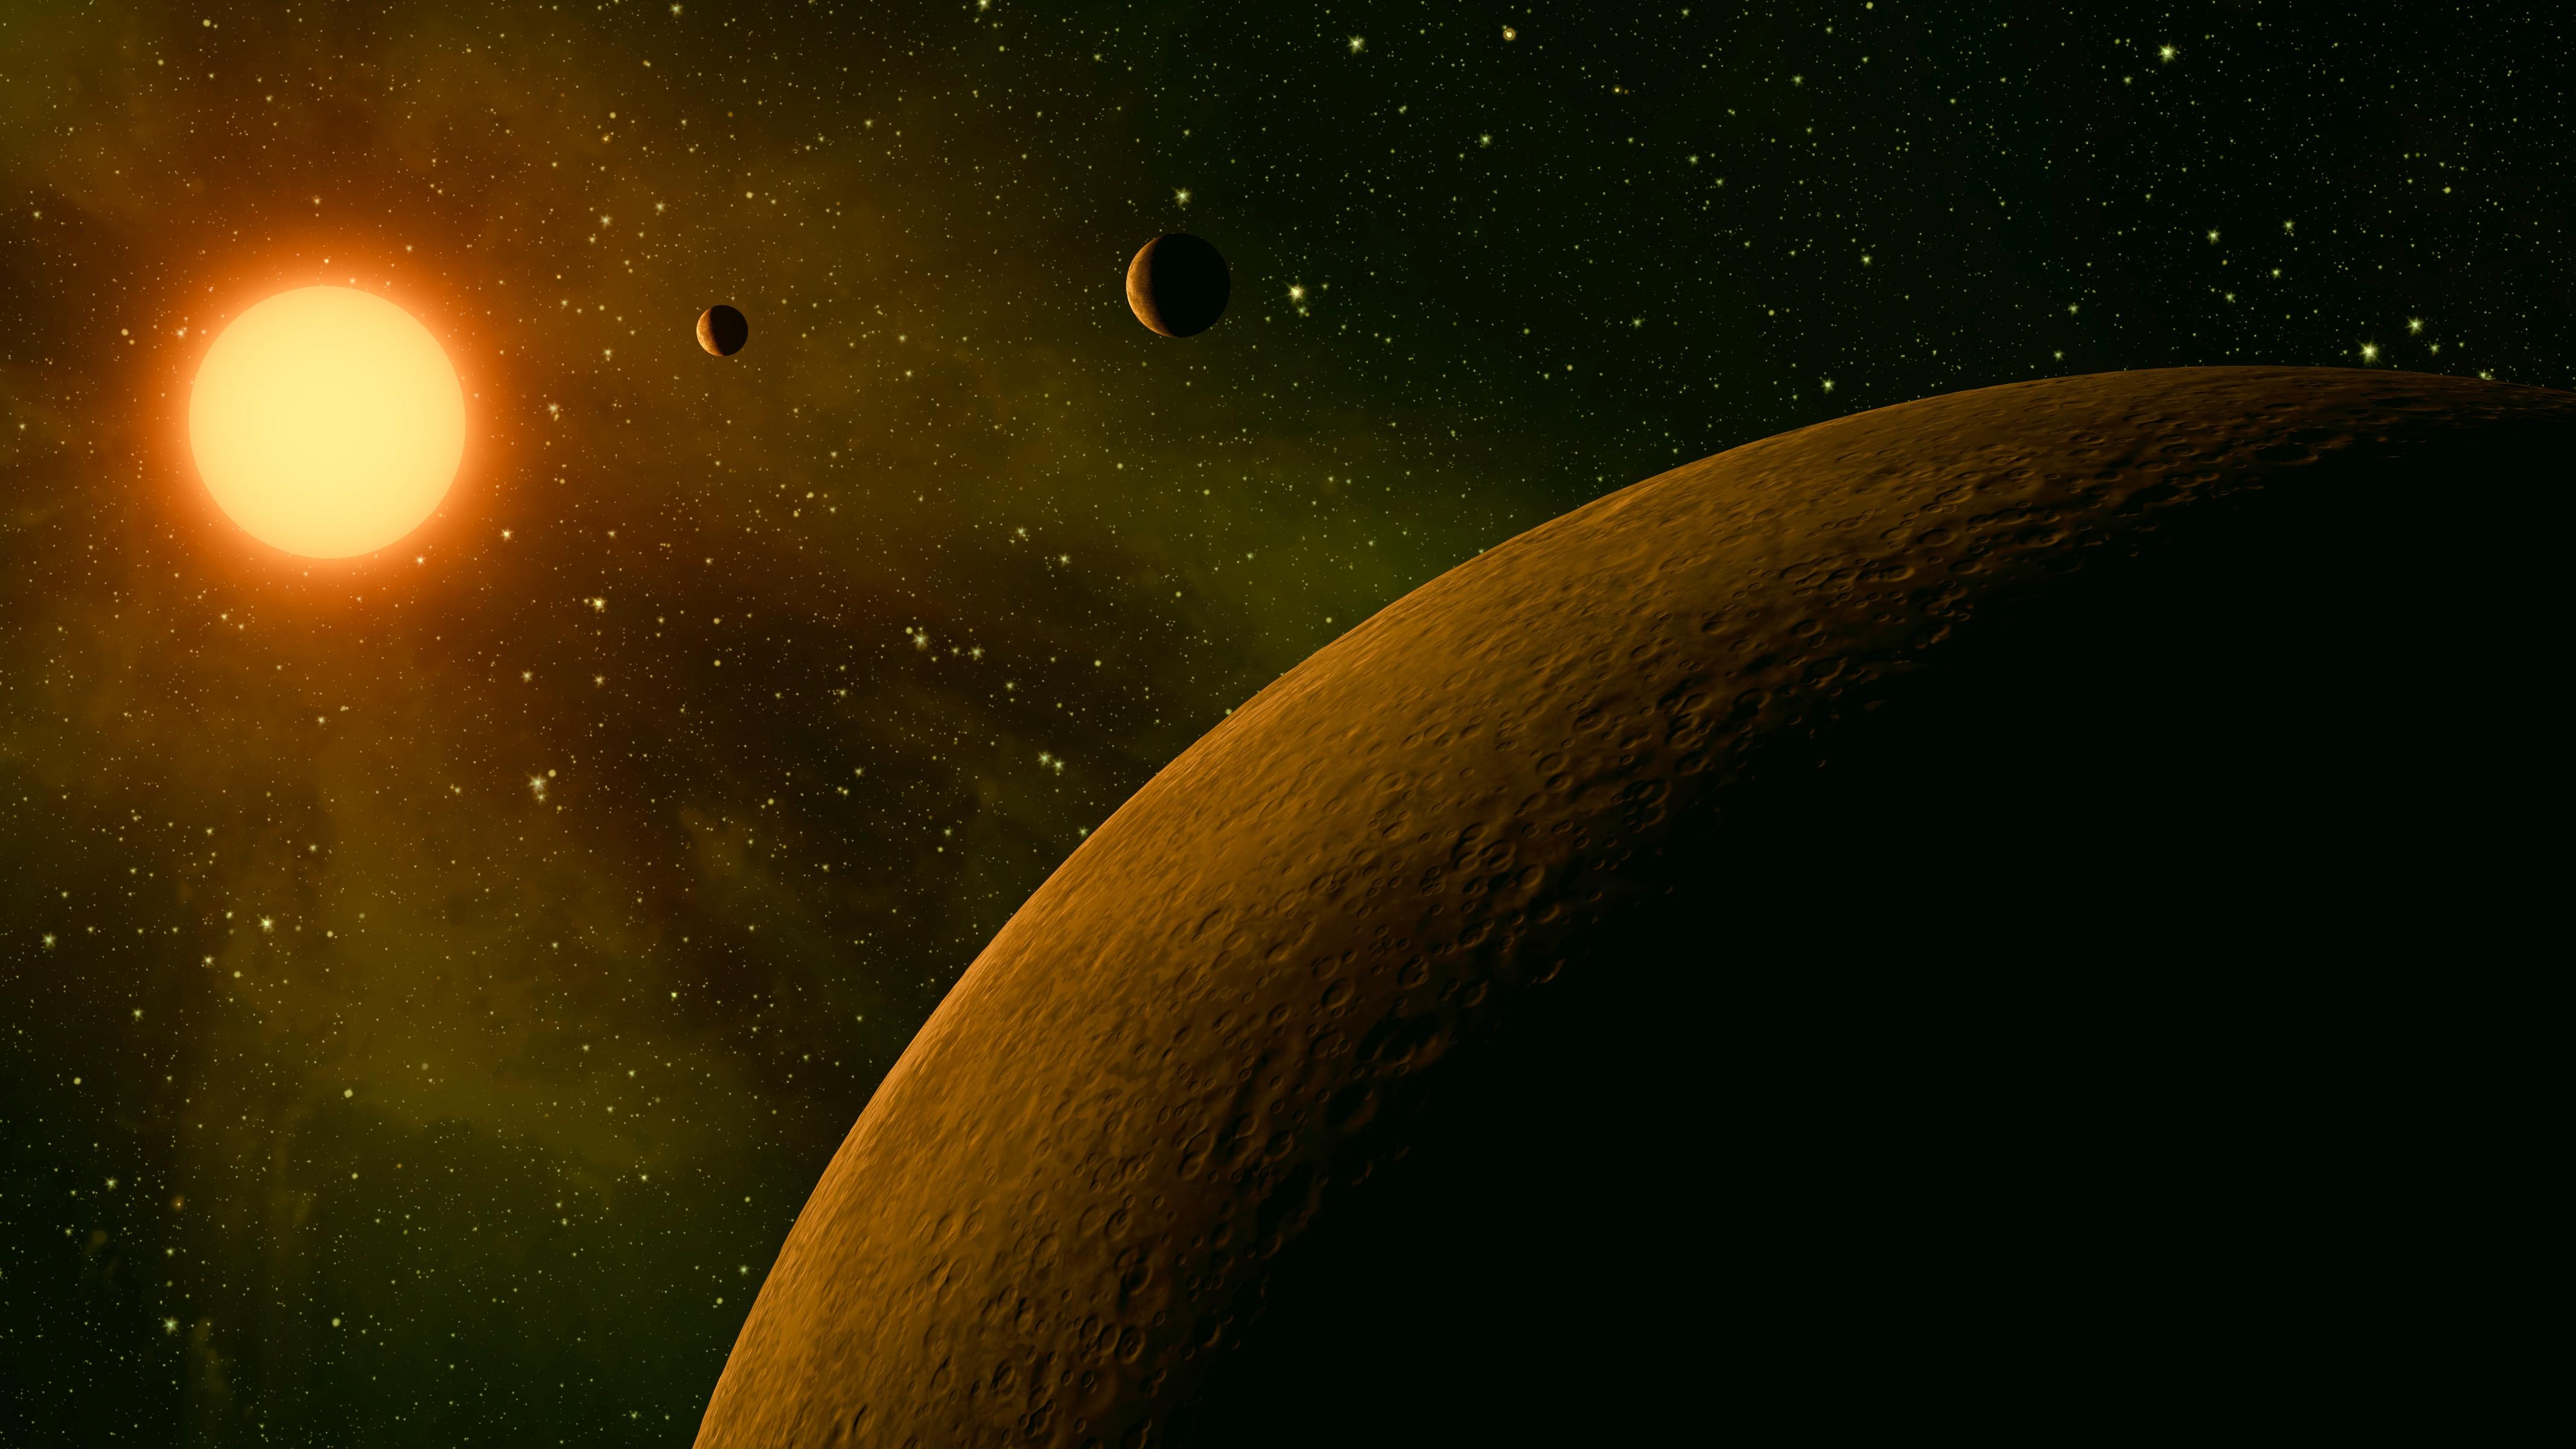 Kepler-42d